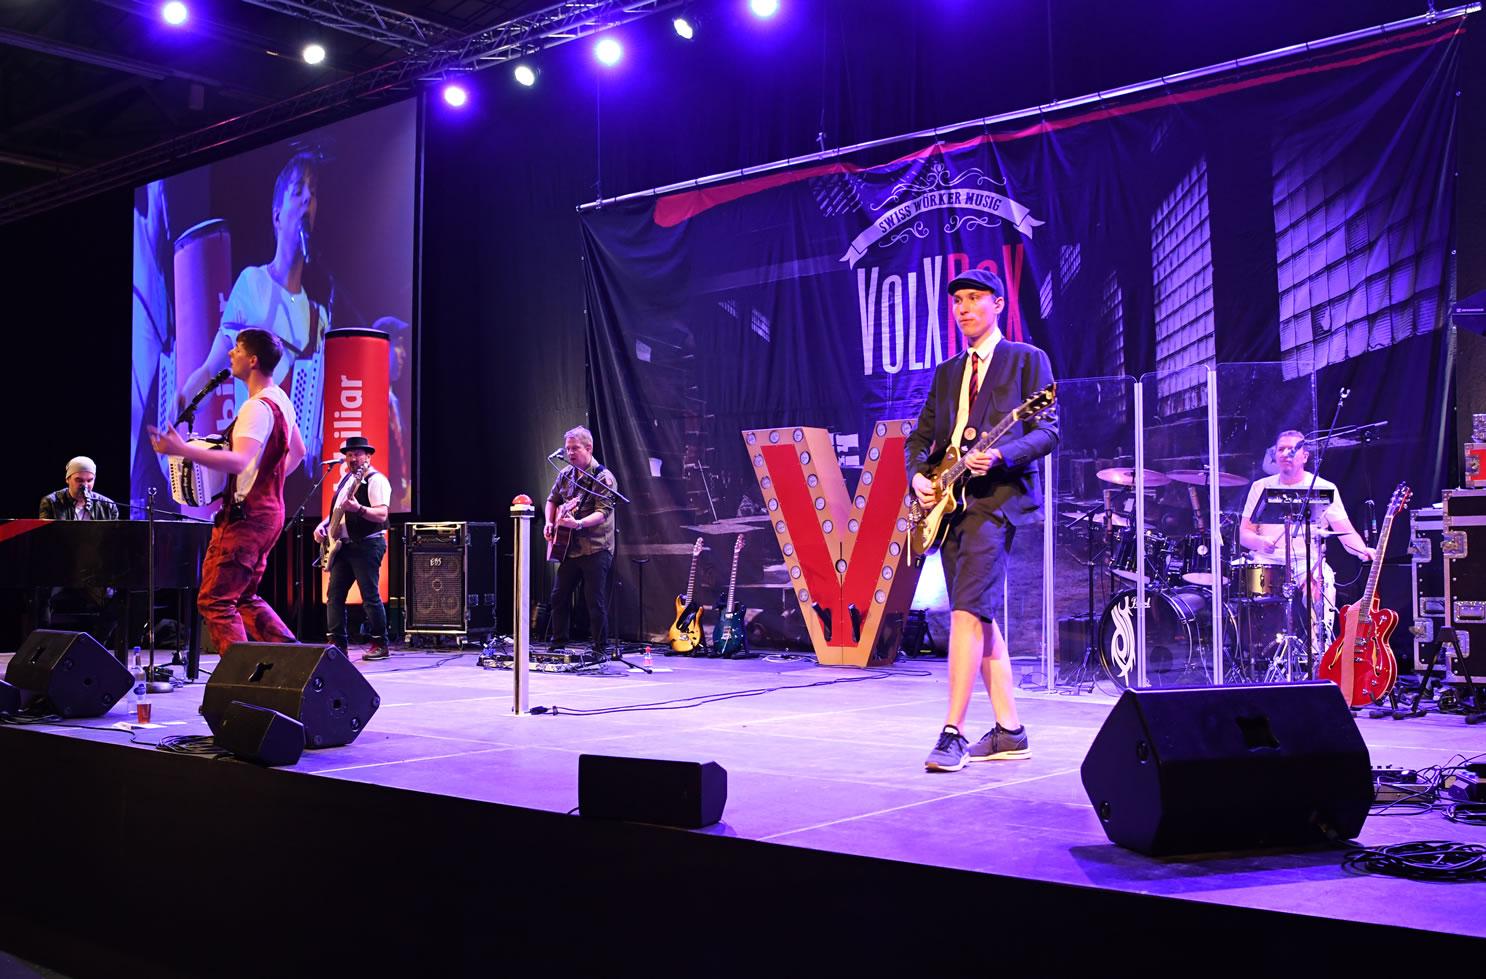 Mit dem passenden Mikrofon auf der Bühne. VolXRox hat getestet und ausgesucht. lassen auch Sie sich von USL Veranstaltungstechnik beraten